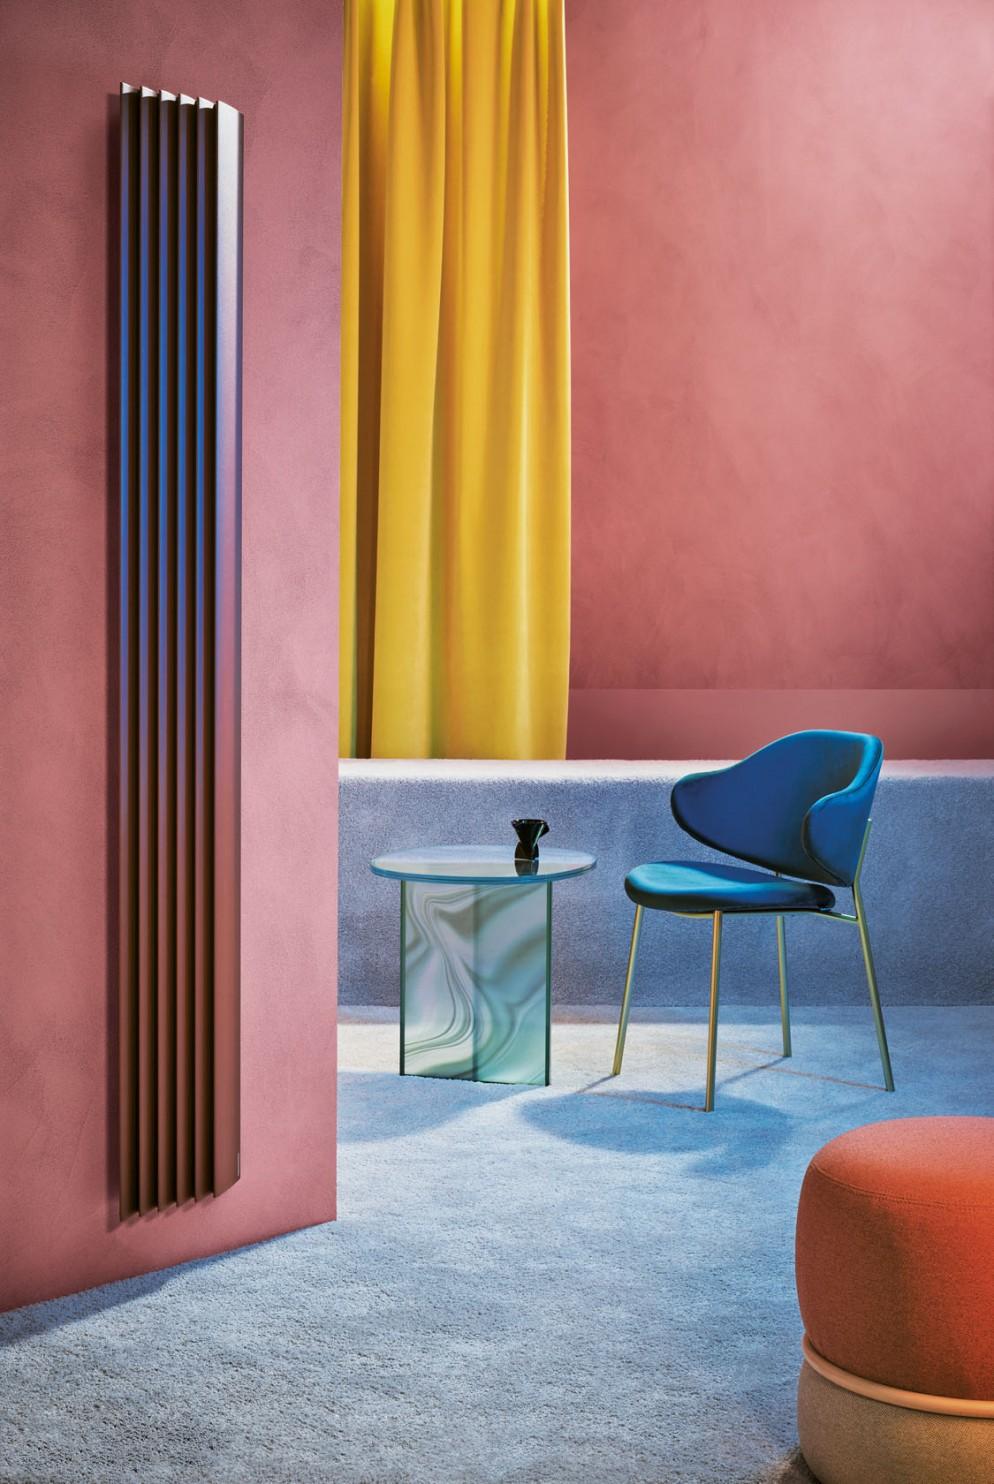 idee-arredare-casa-lampade-divani-sedie-letti-poltrone-design-issue-living-corriere-05